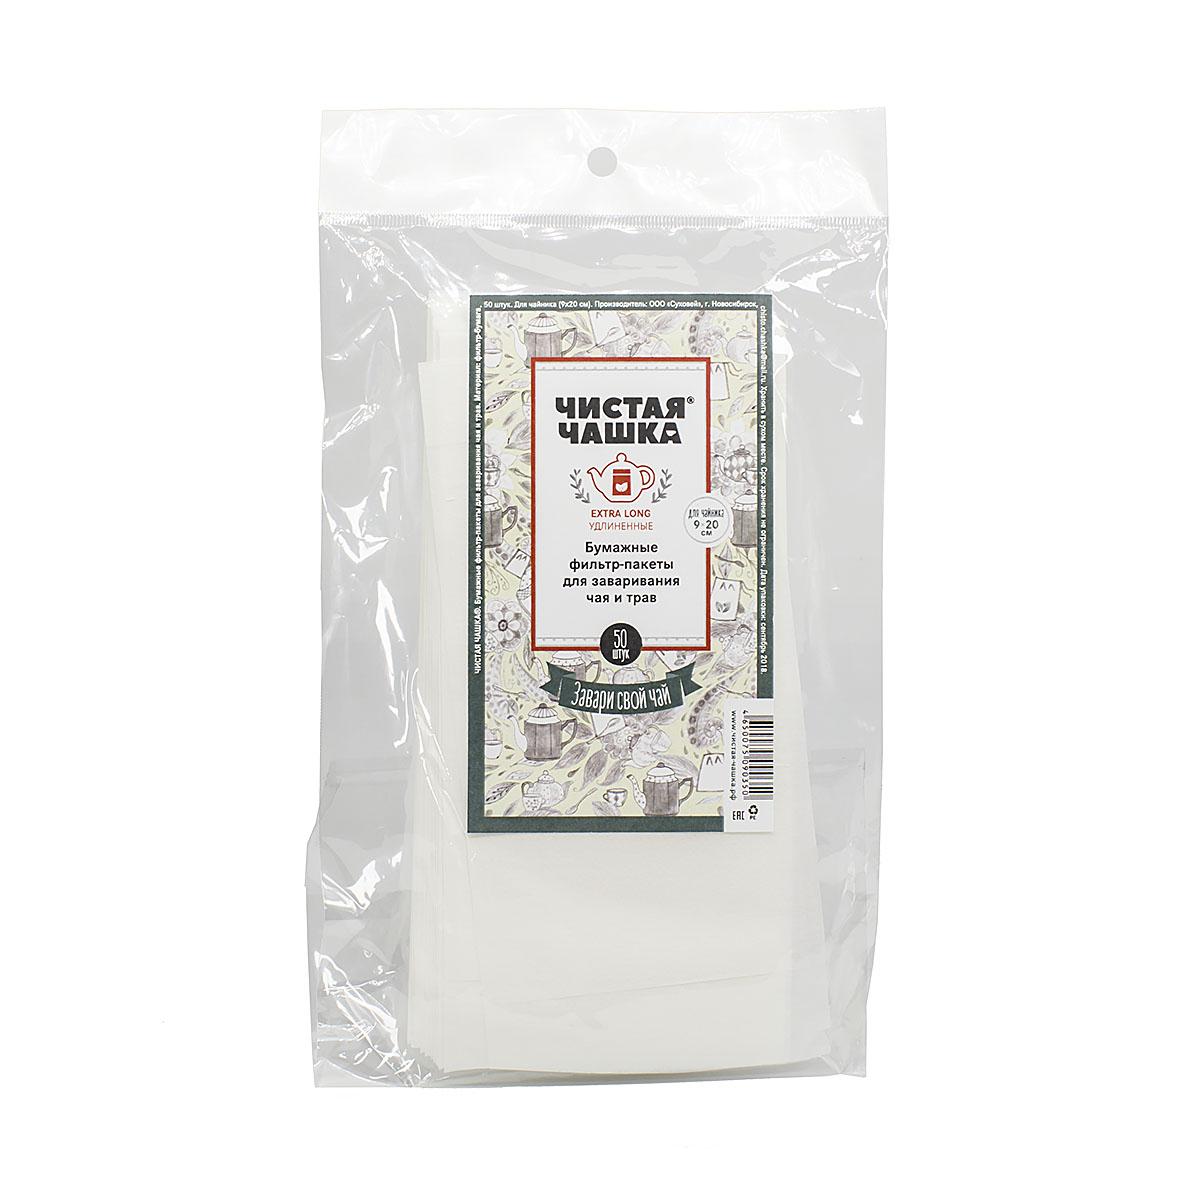 Бумажные фильтр-пакеты для заваривания чая и трав